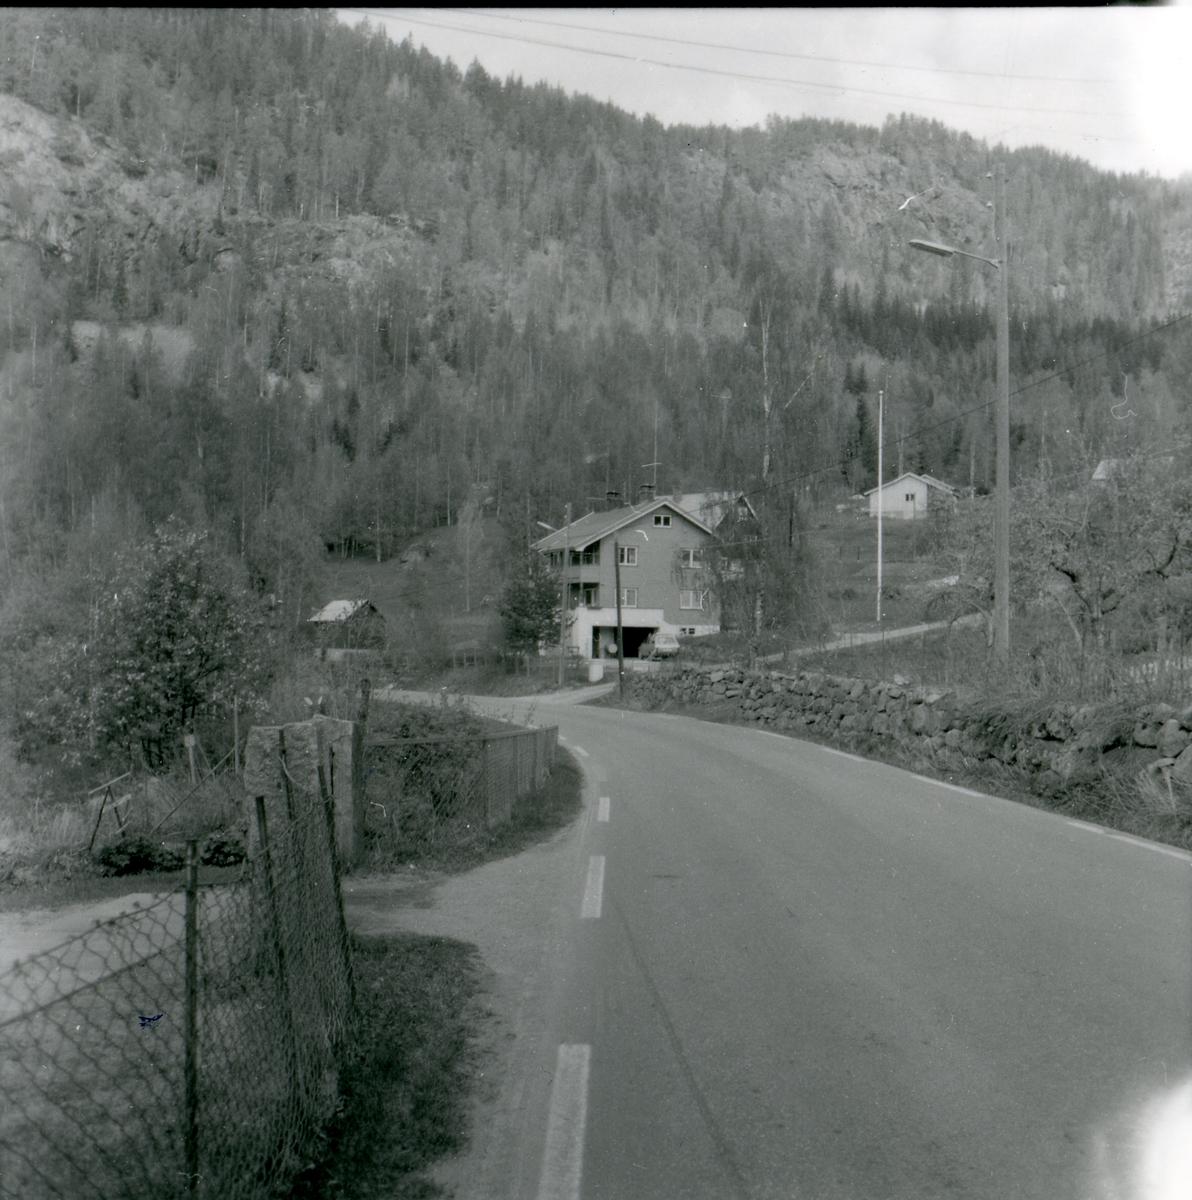 Eiendomen Fagerstrand, Bagn, Sør-Aurdal. Bygget av Sigmund Framnes 1949.